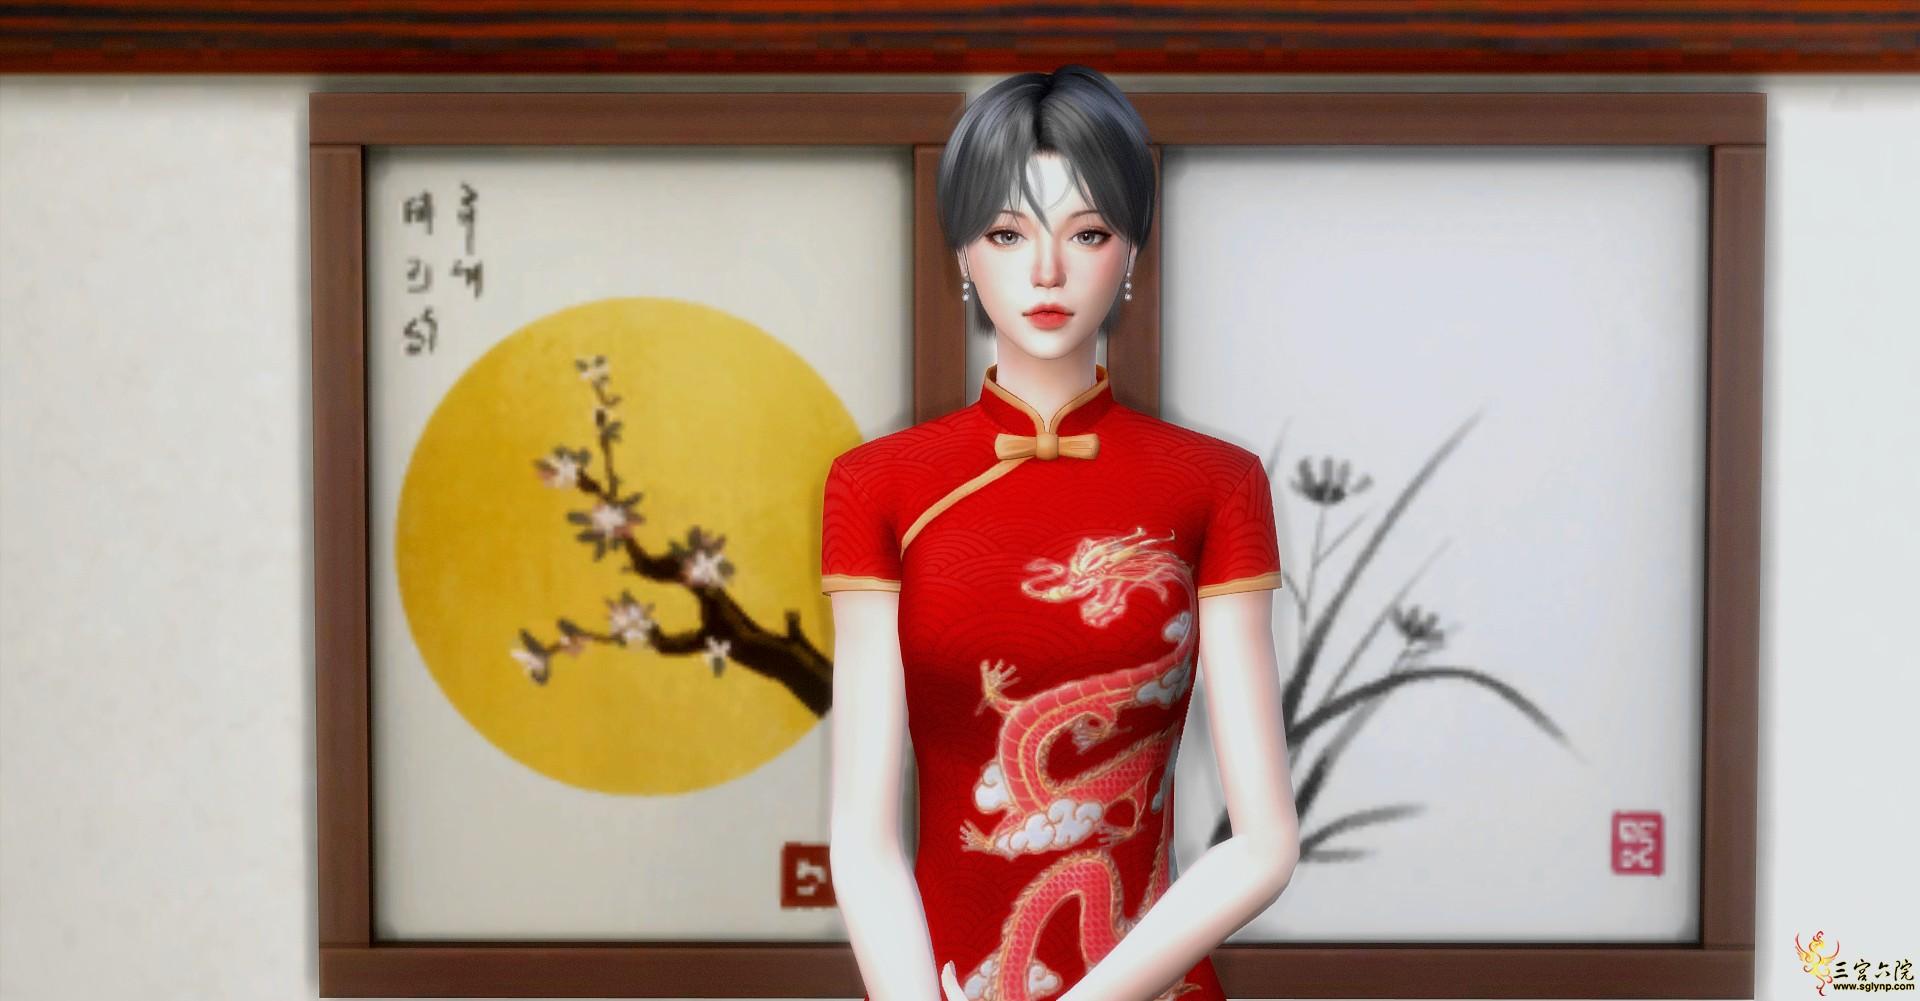 Sims 4 Screenshot 2021.02.24 - 00.38.38.74.png